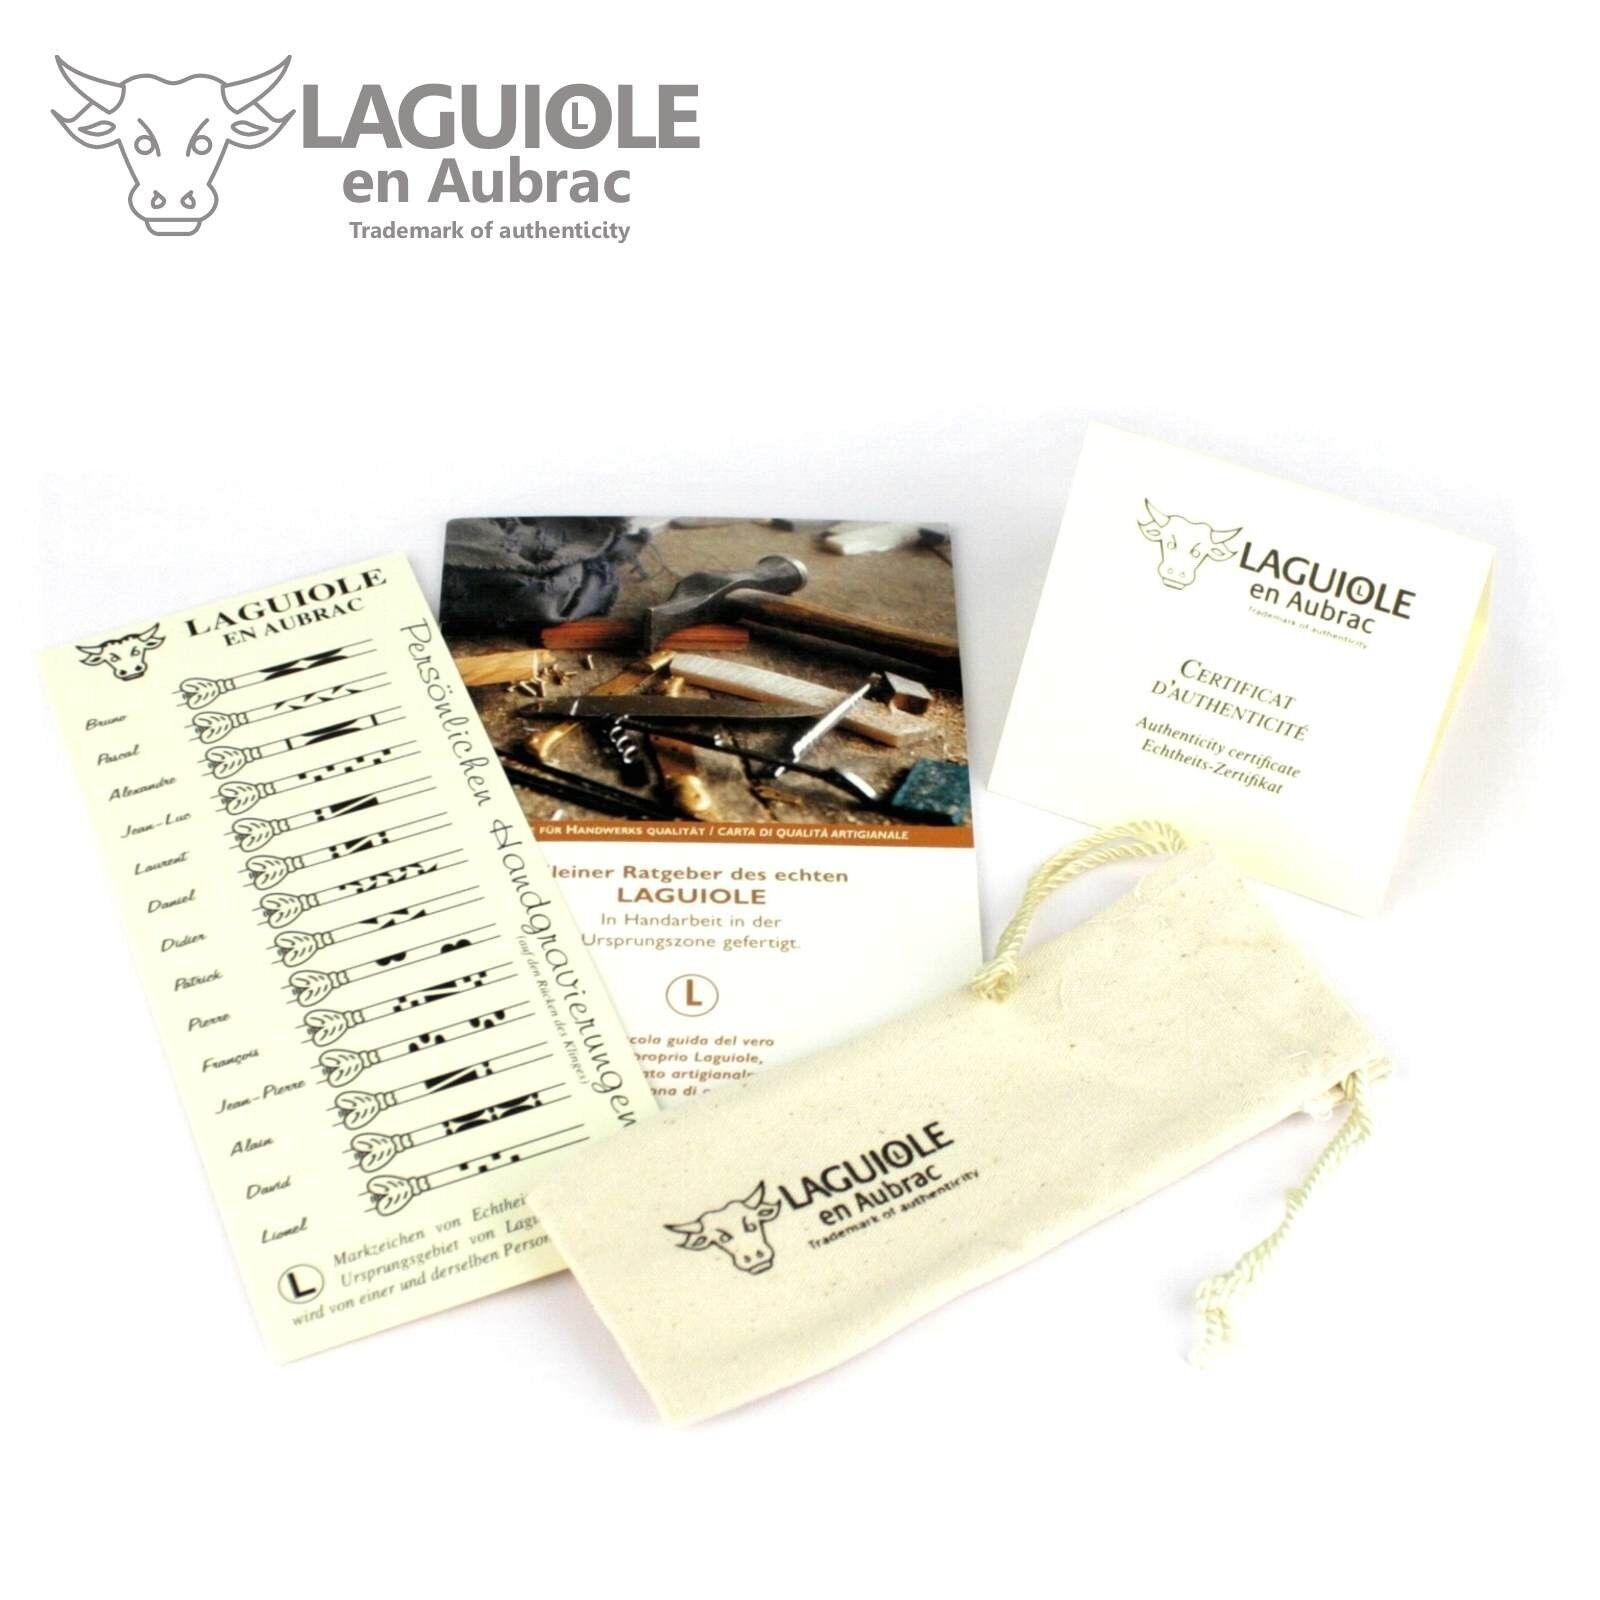 Laguiole en Aubrac - Sondermodell Krokus - - - Aubrac Buche - 12 cm Taschenmesser da898e